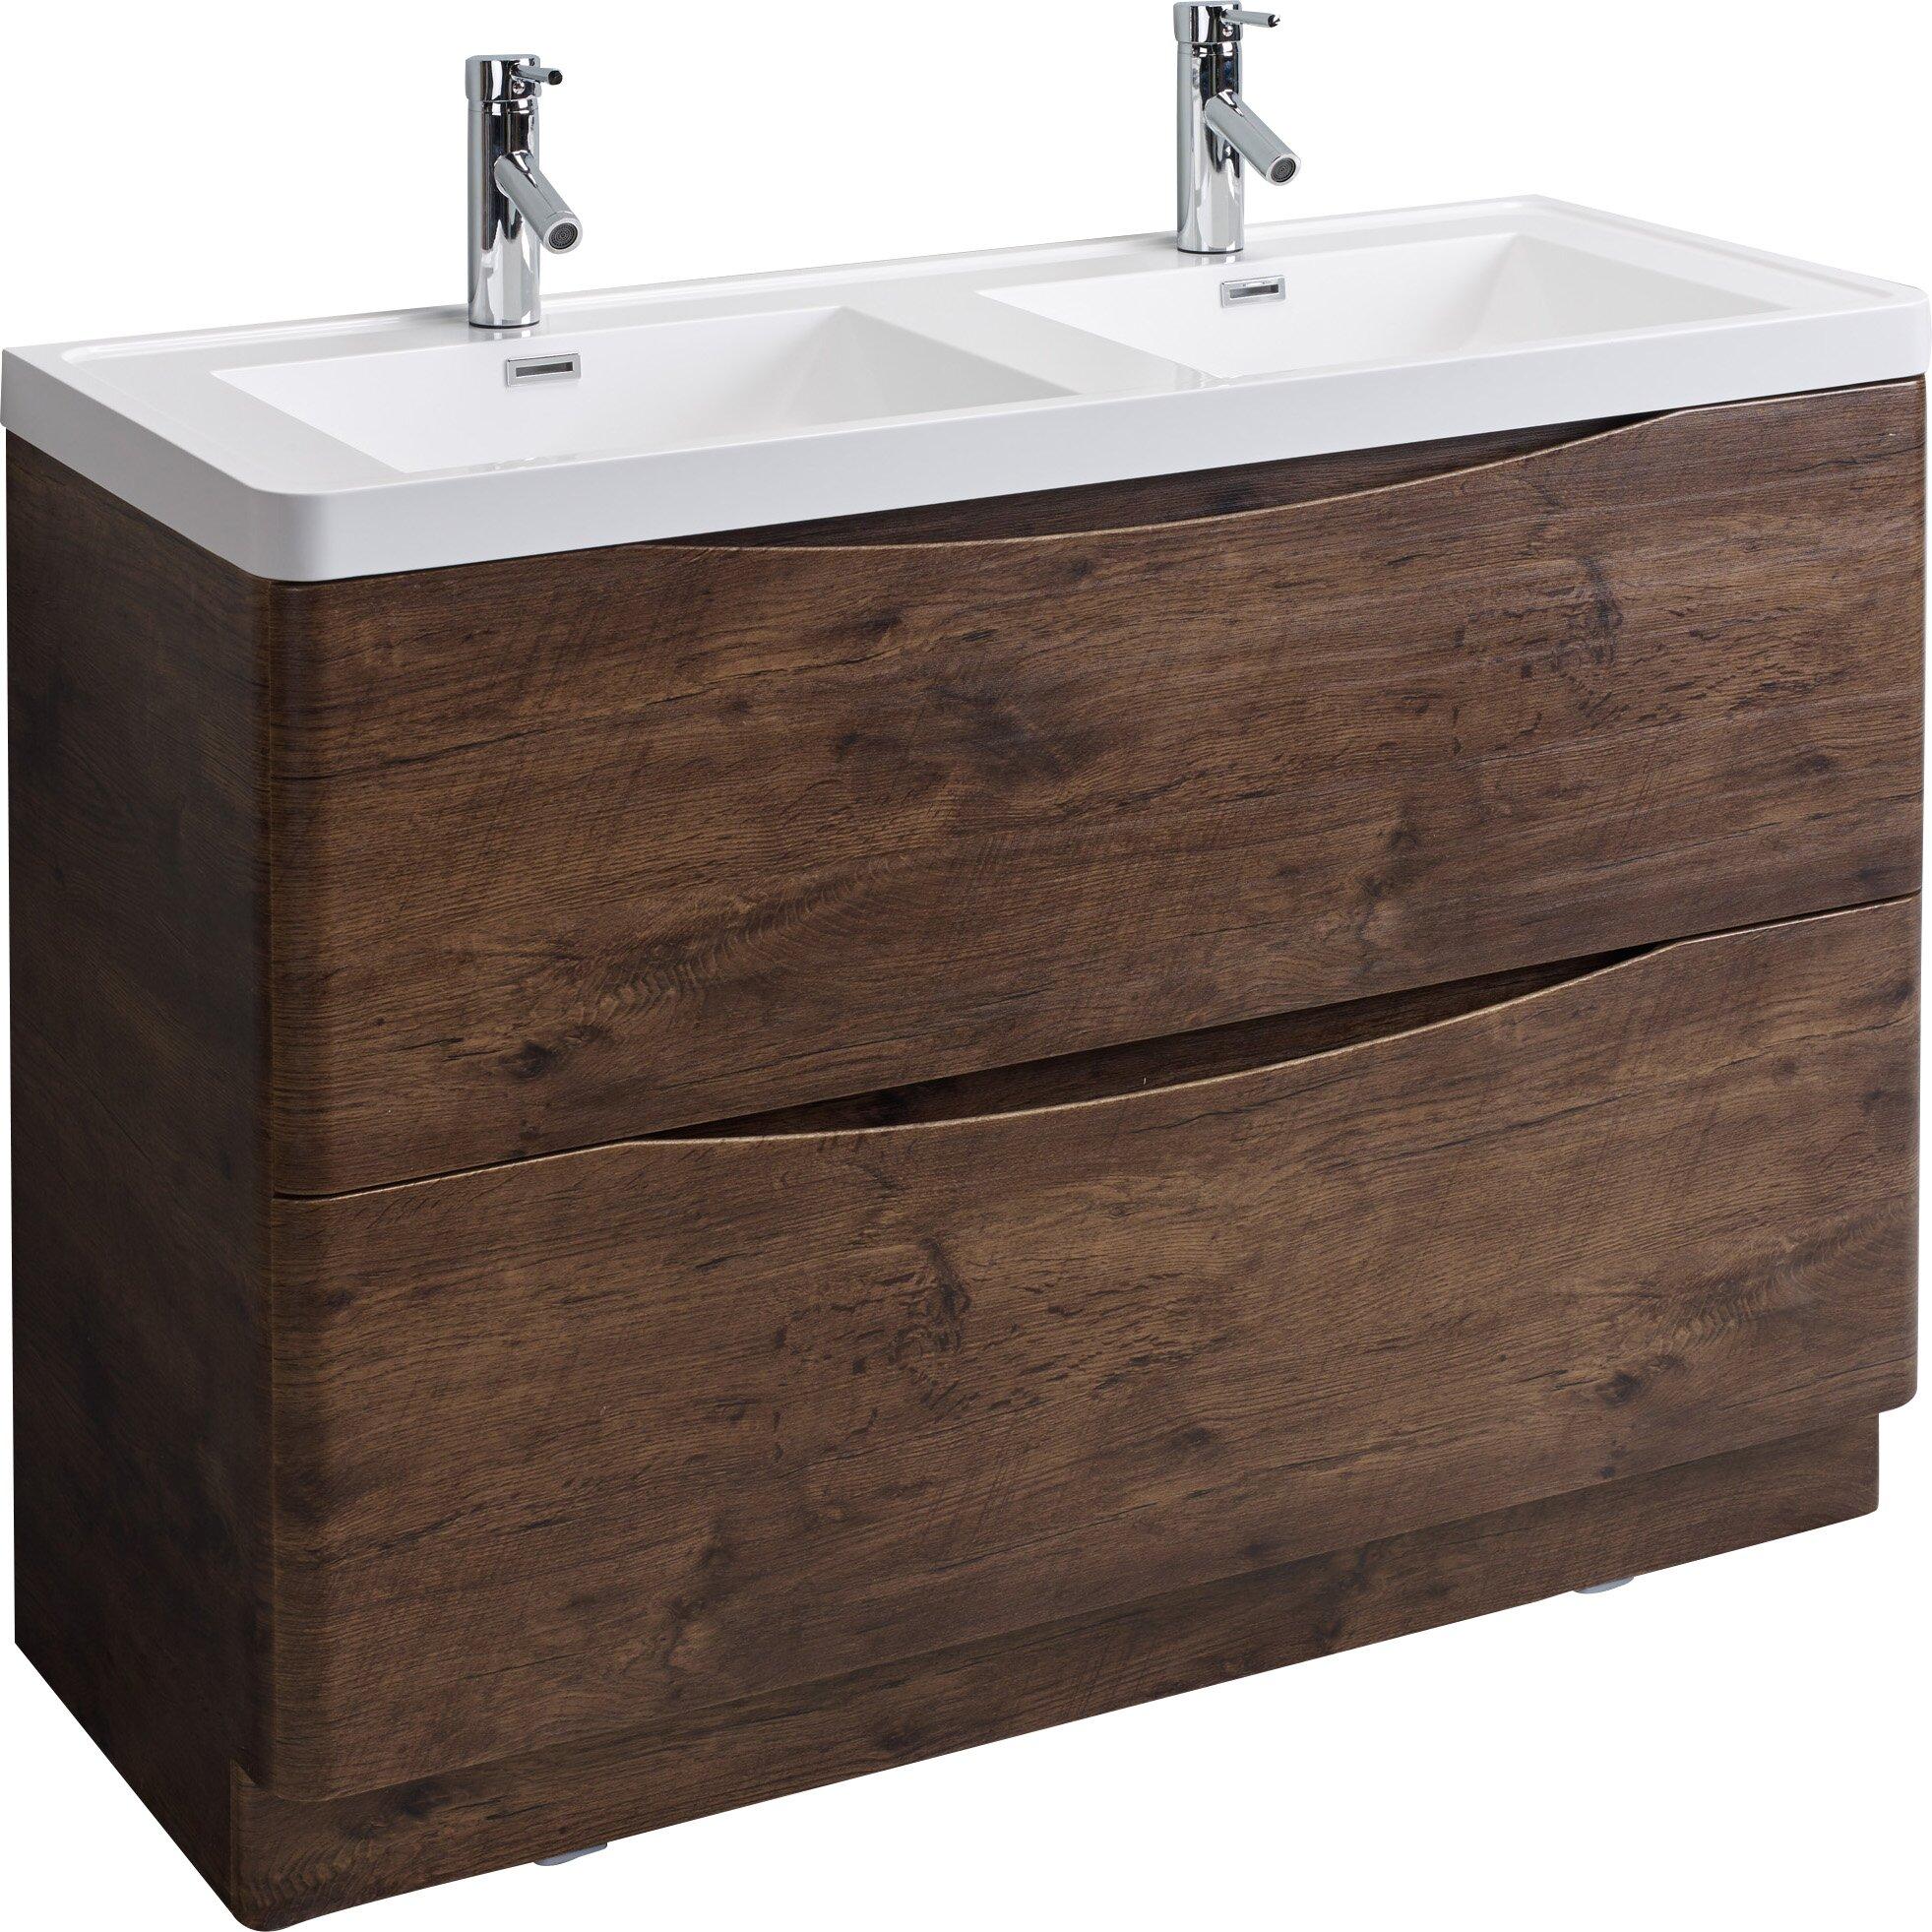 Eviva Smile 48 Double Modern Bathroom Vanity Set Reviews Wayfair